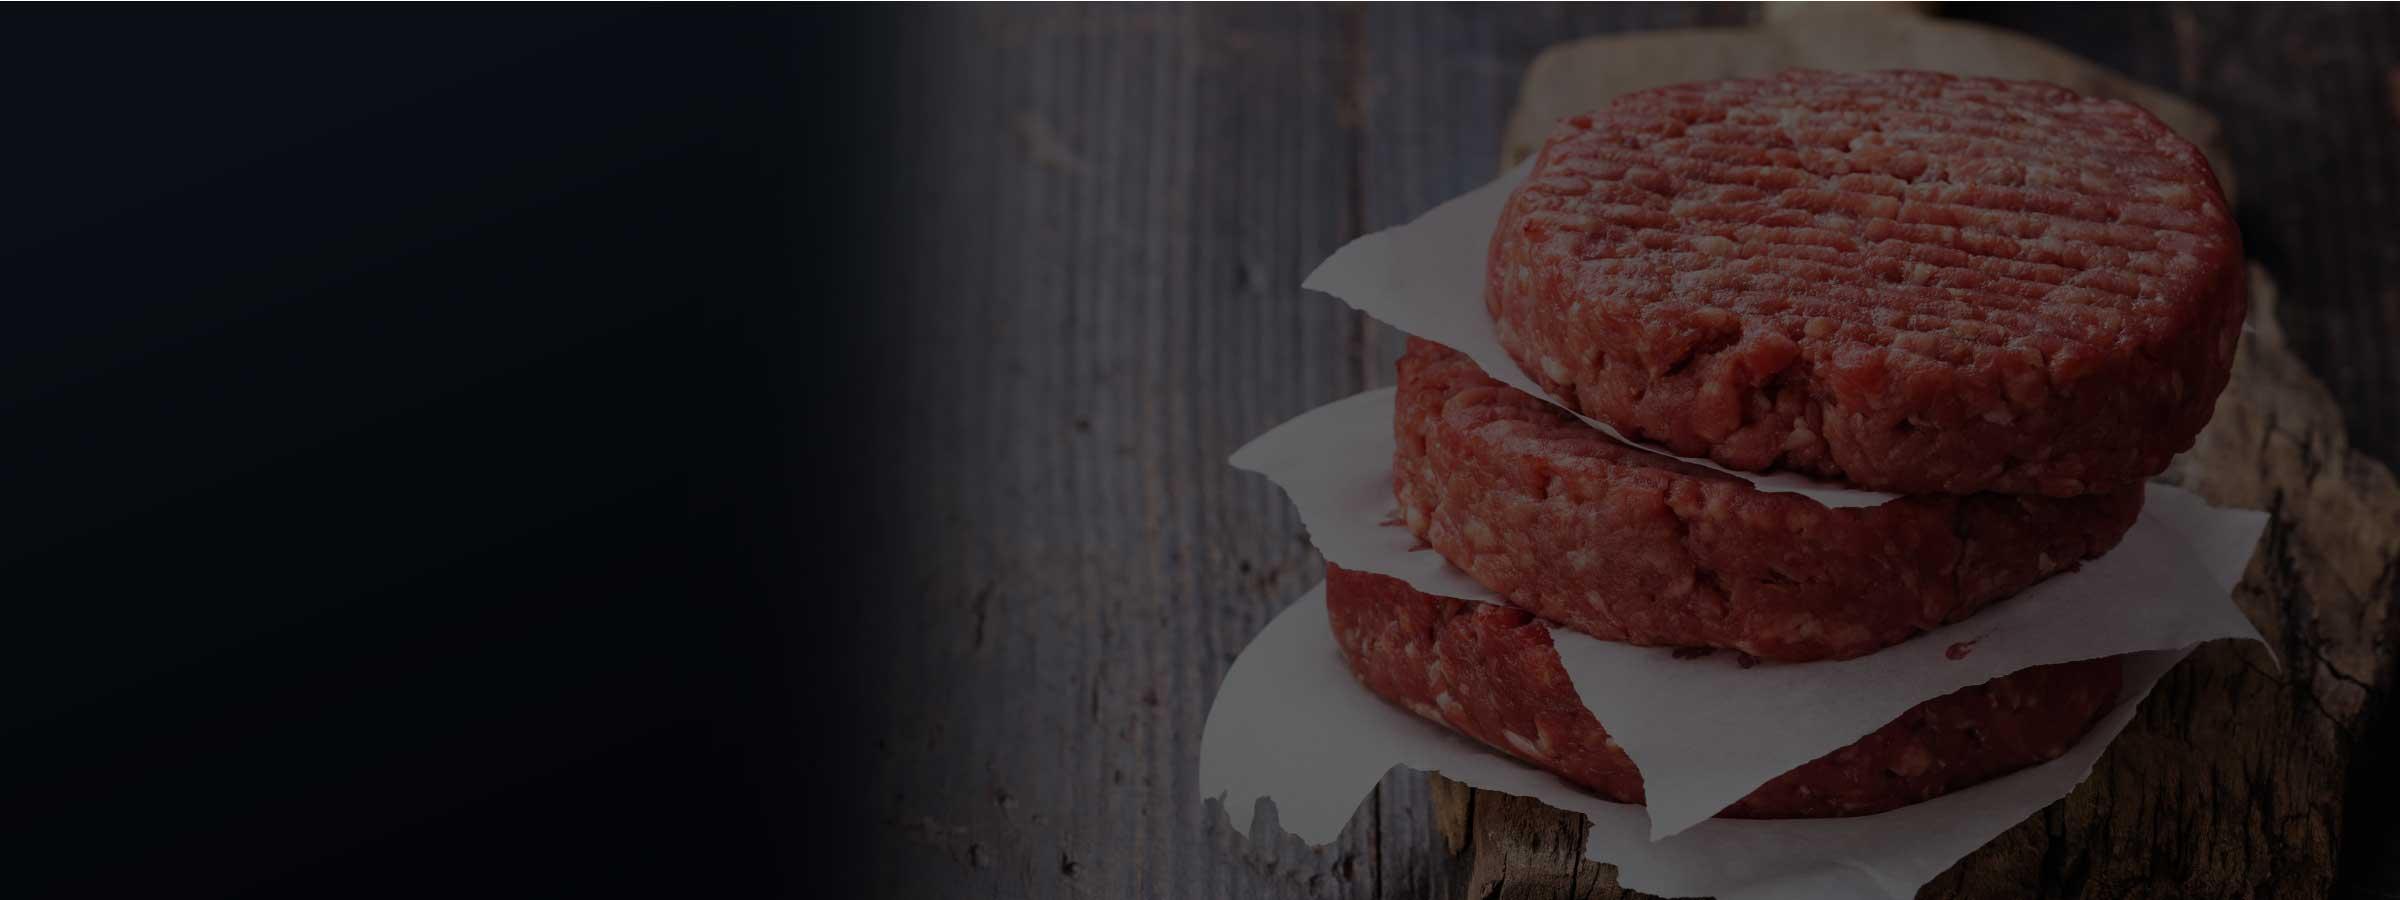 Toutes nos viandes sont issues de races à viande.